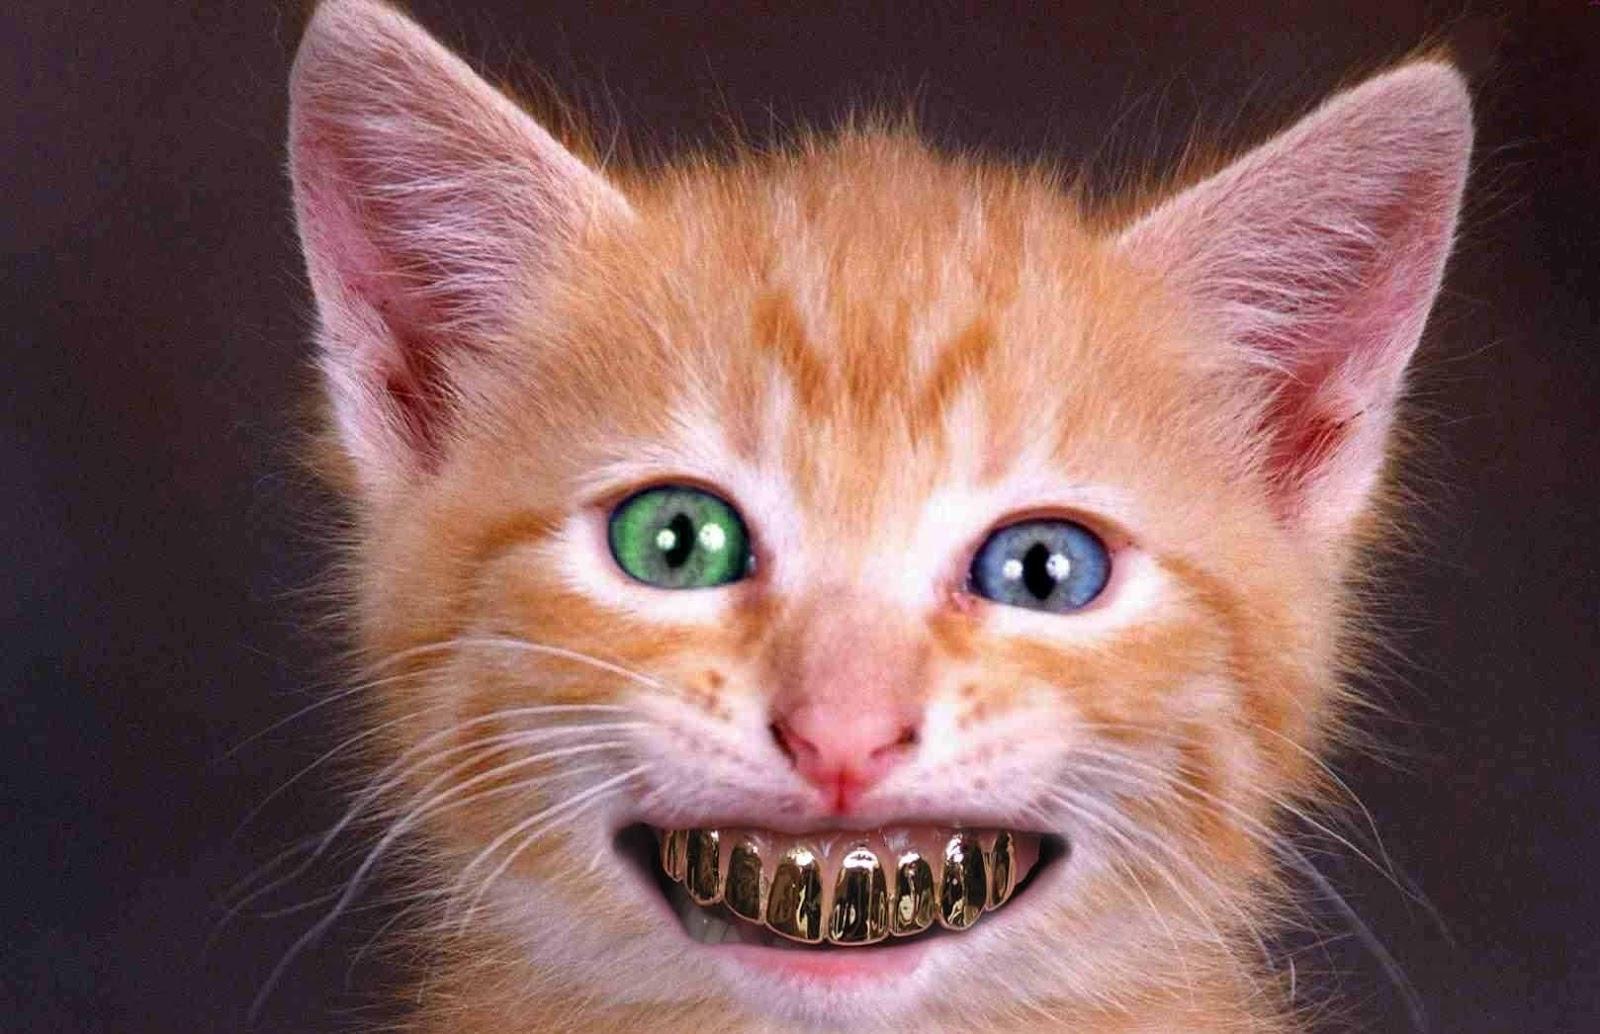 aloe toxic to cats